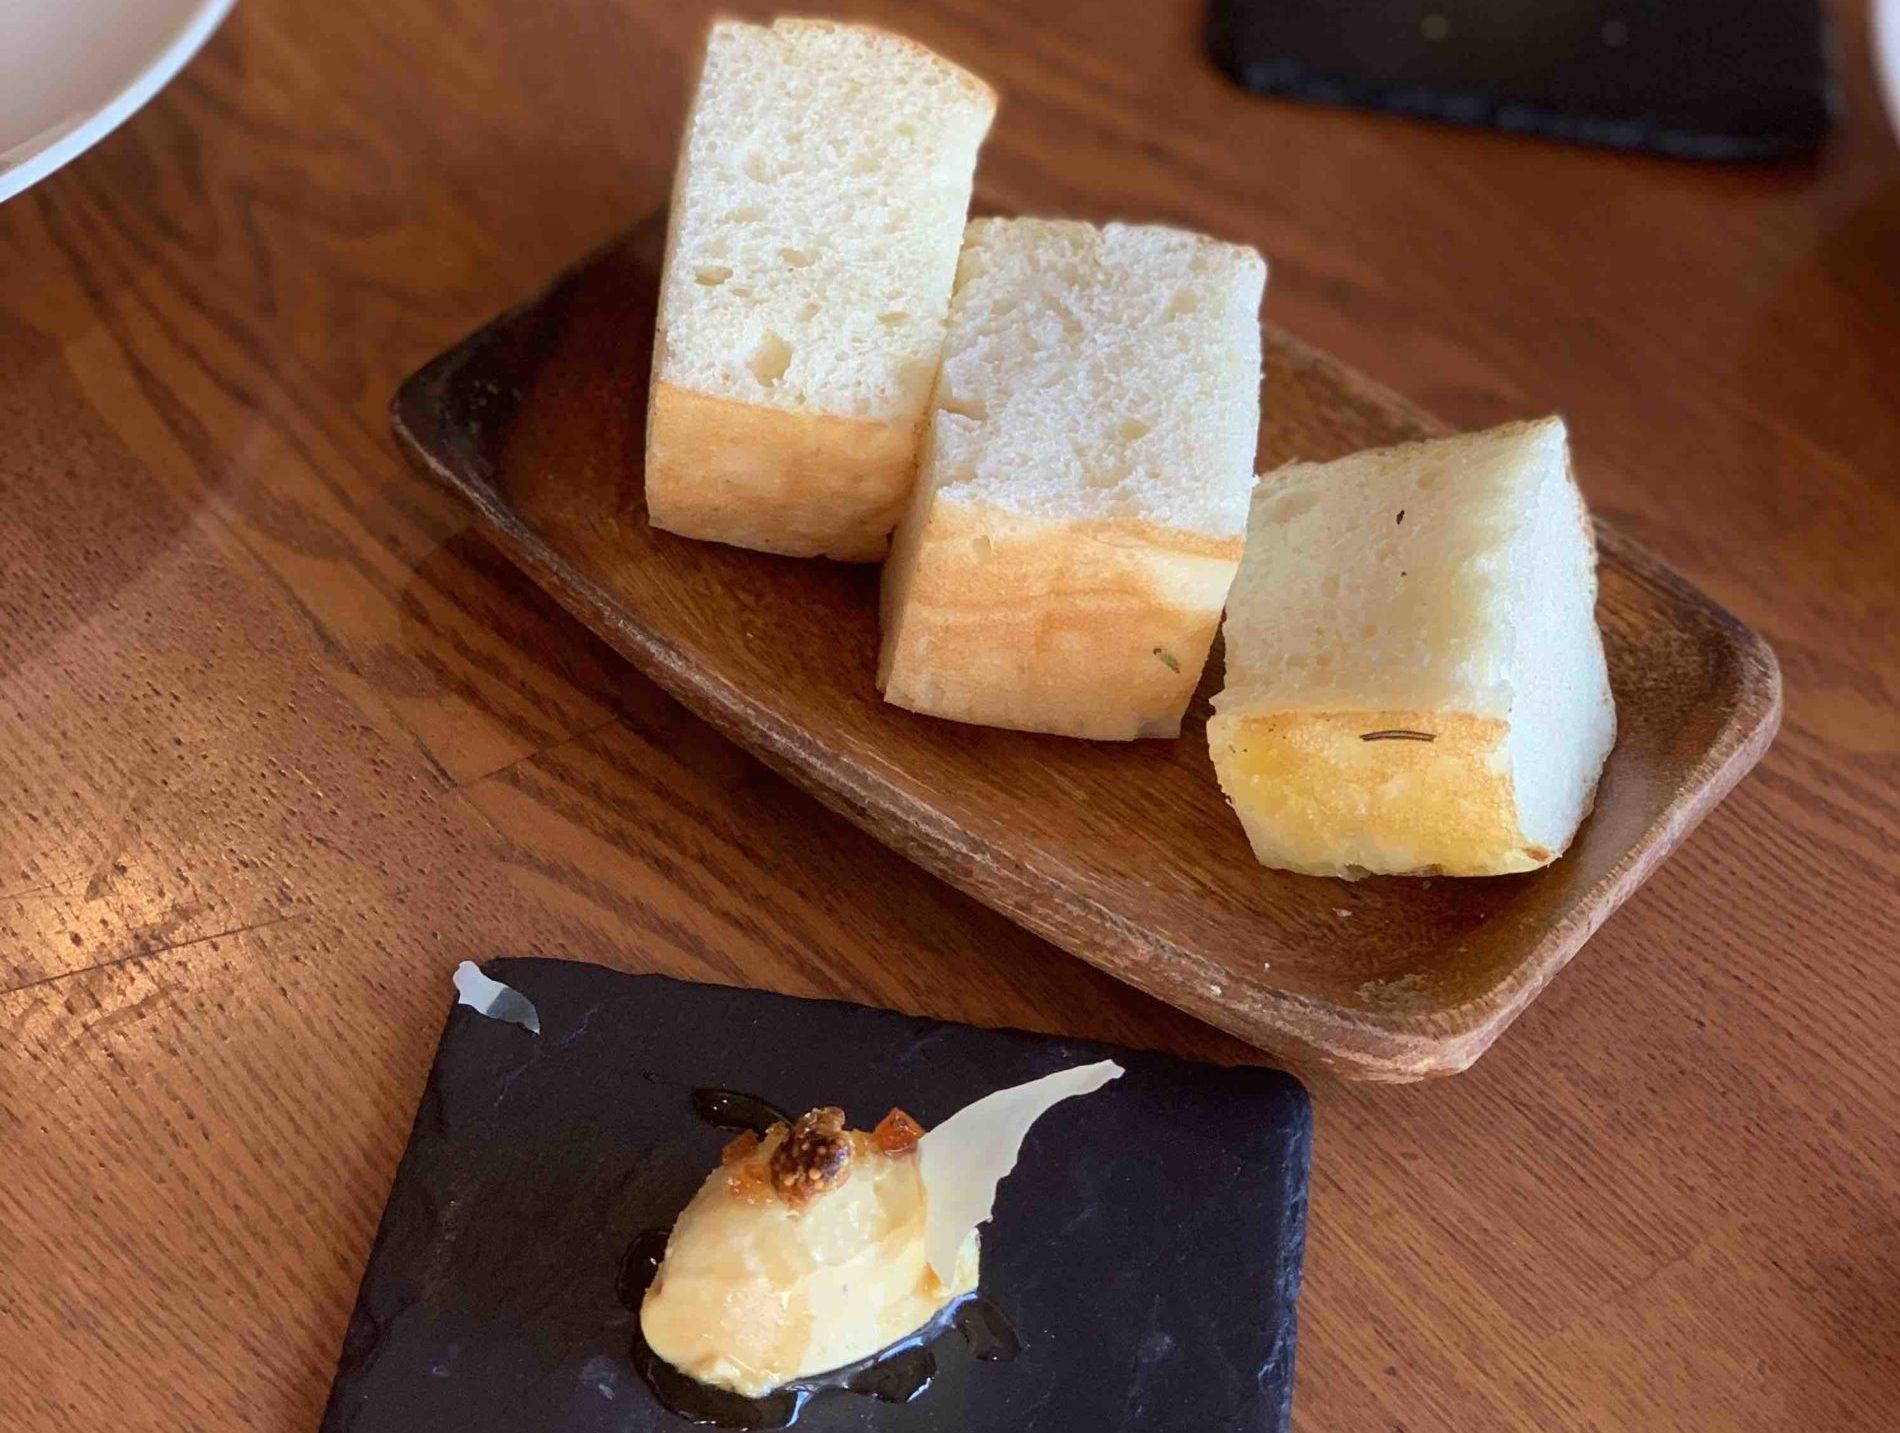 フォアグラのフラン マルサラソース」と「自家製チーズフォカッチャ」